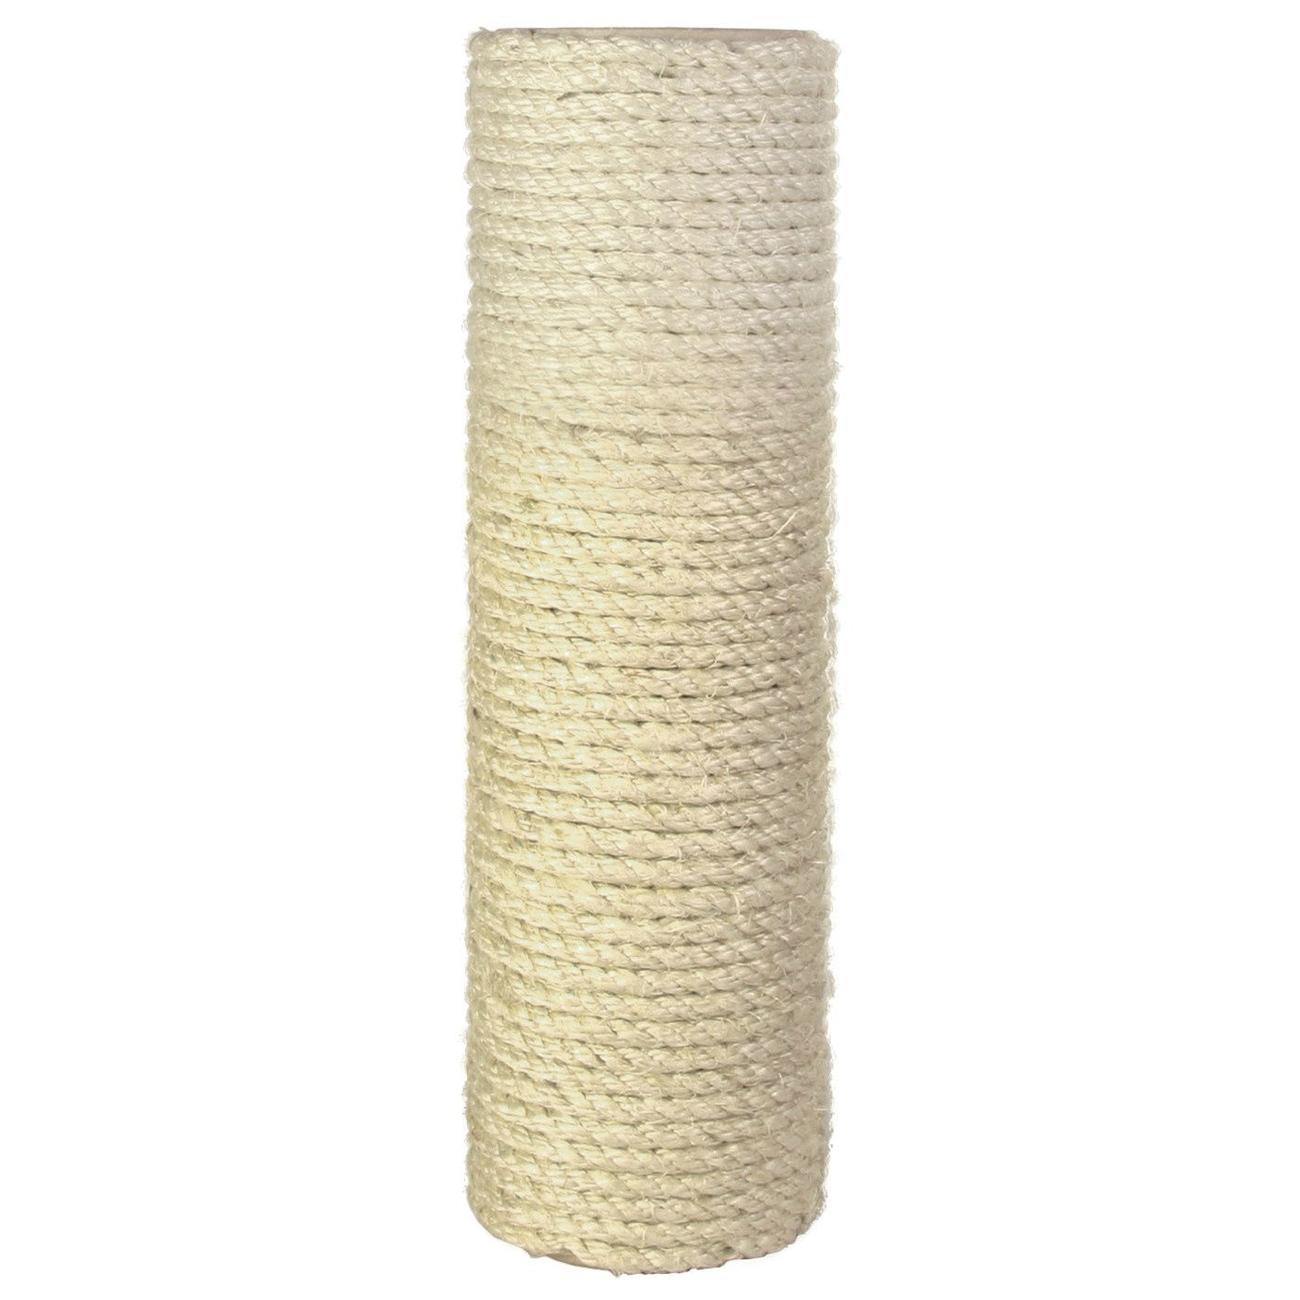 Trixie Ersatzstamm für Kratzbaum dick M10 44000